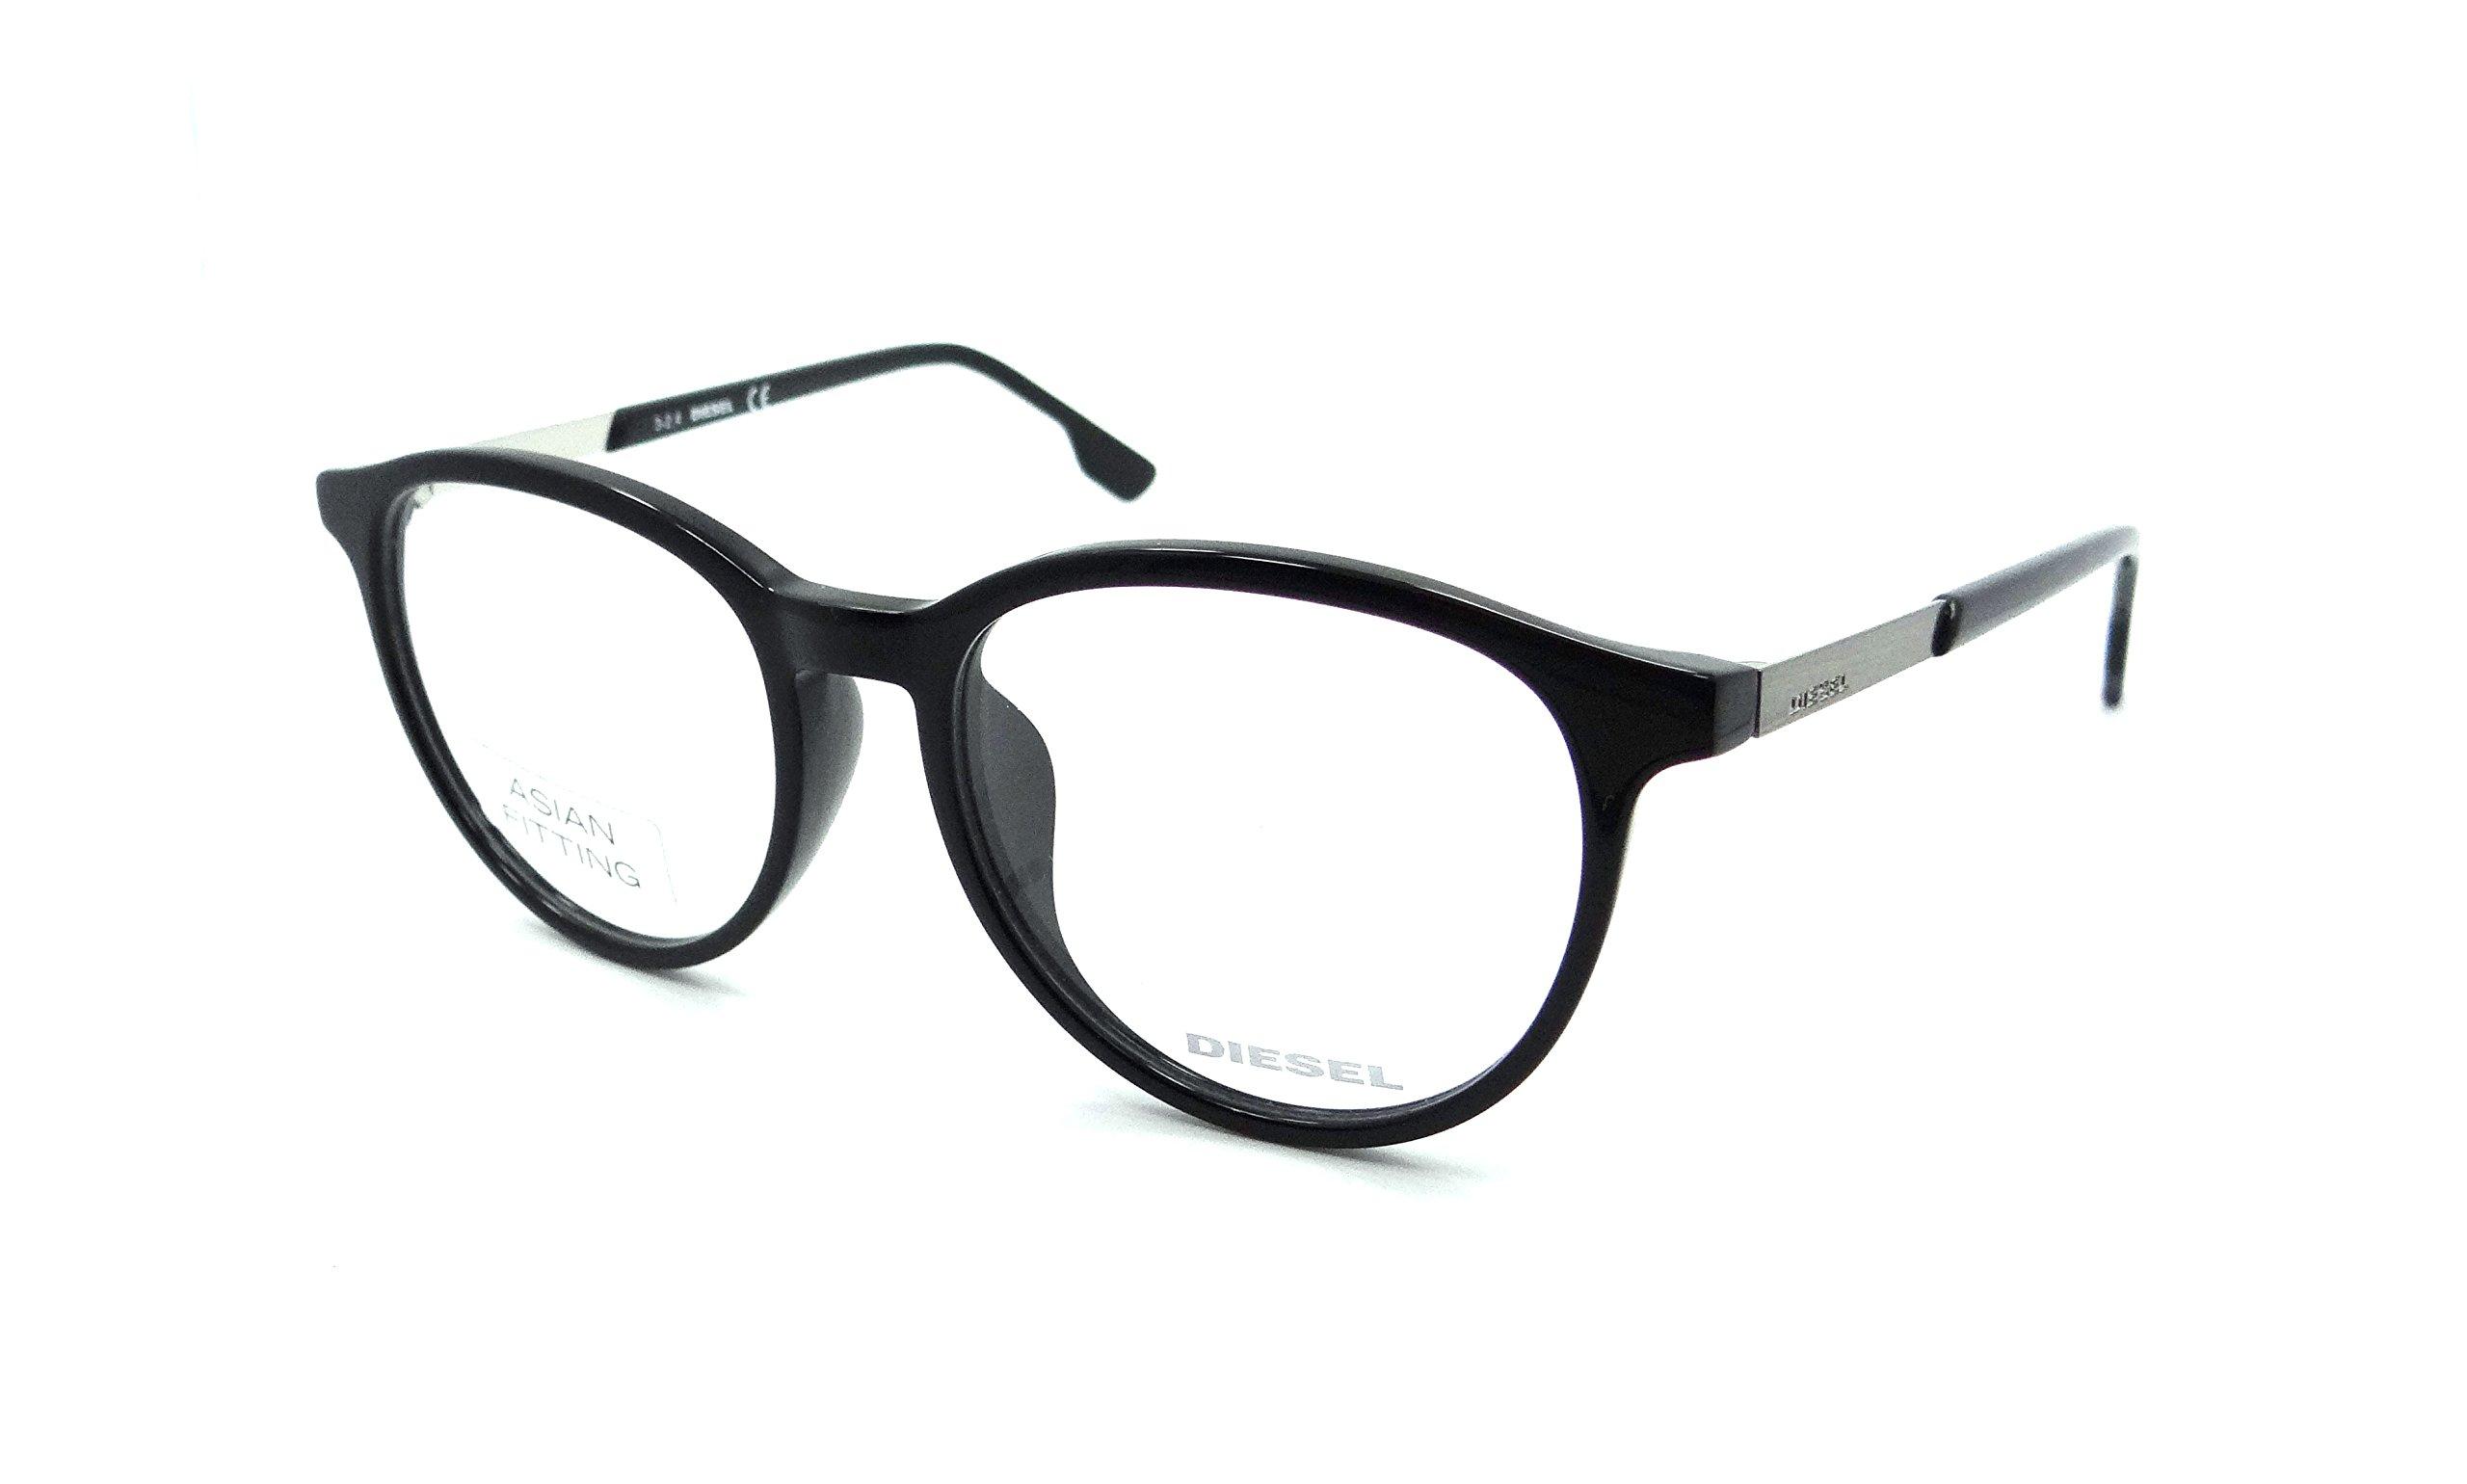 Diesel Rx Eyeglasses Frames DL5117-F 001 52-17-150 Shiny Black Asian Fit